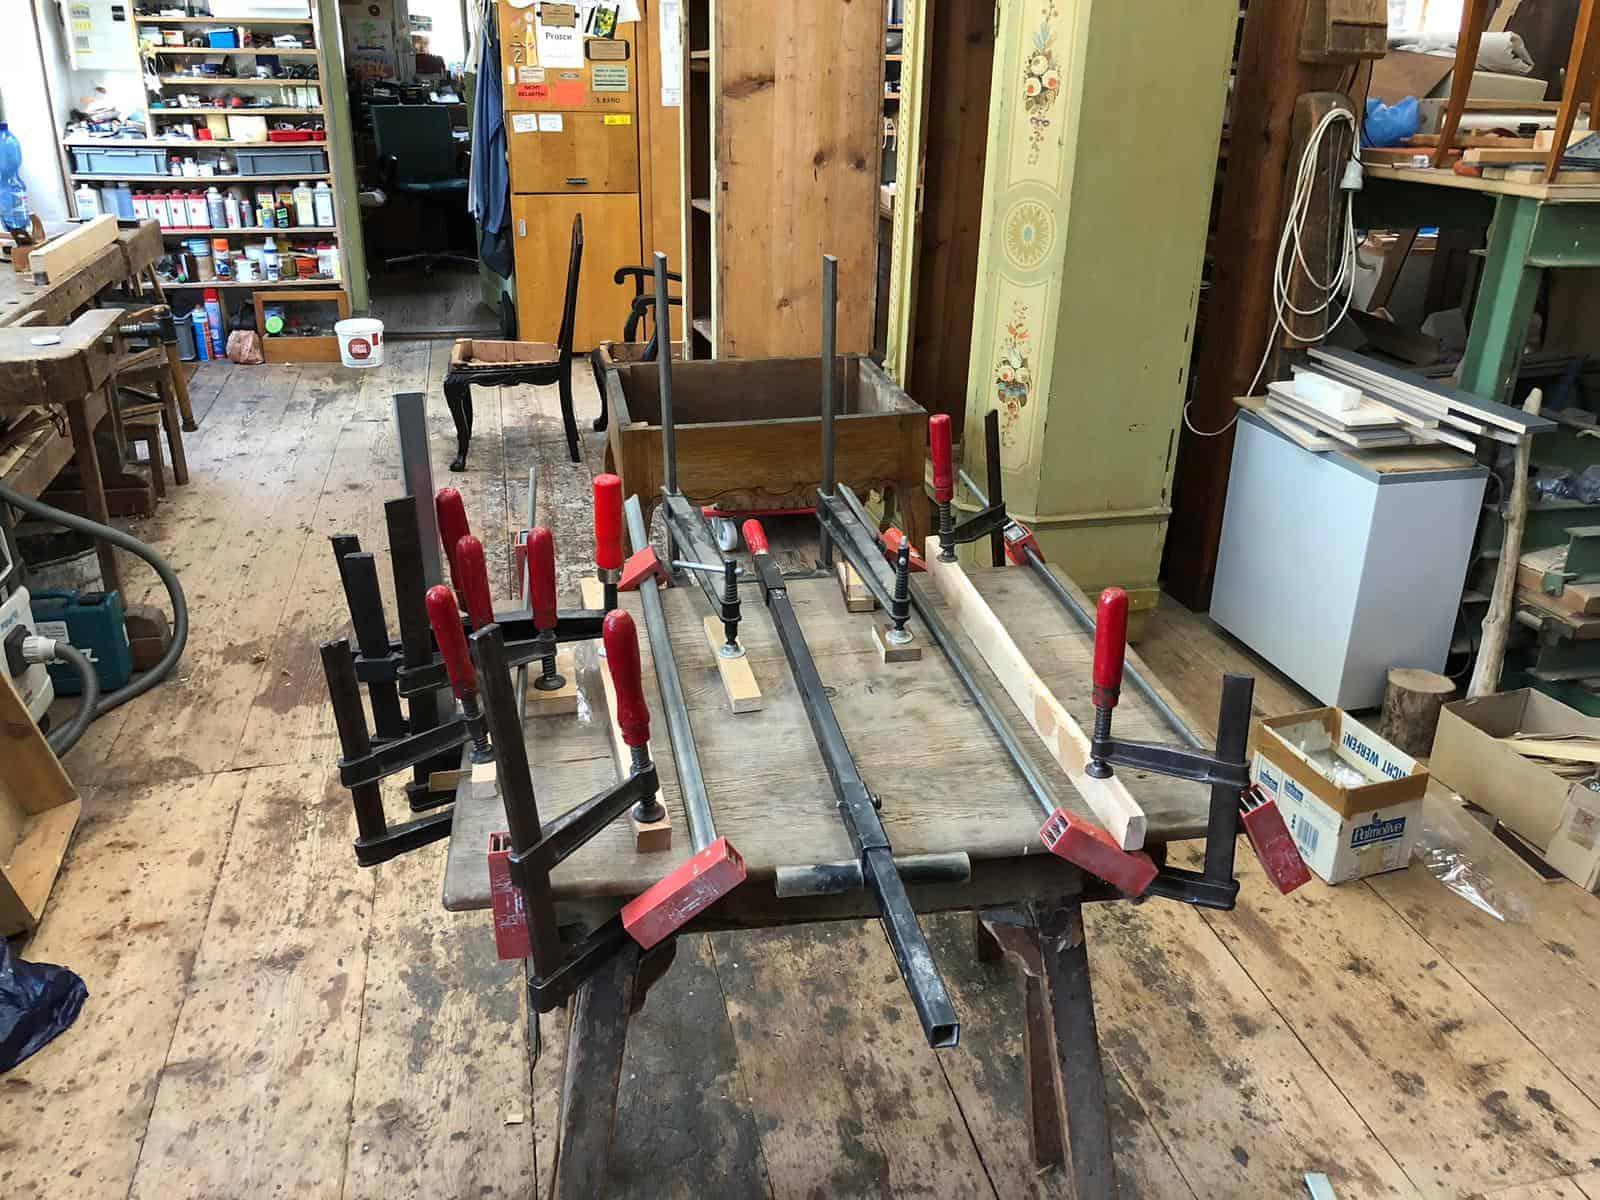 Befestigung eines massiven Holzmöbelstücks nach dem restaurieren